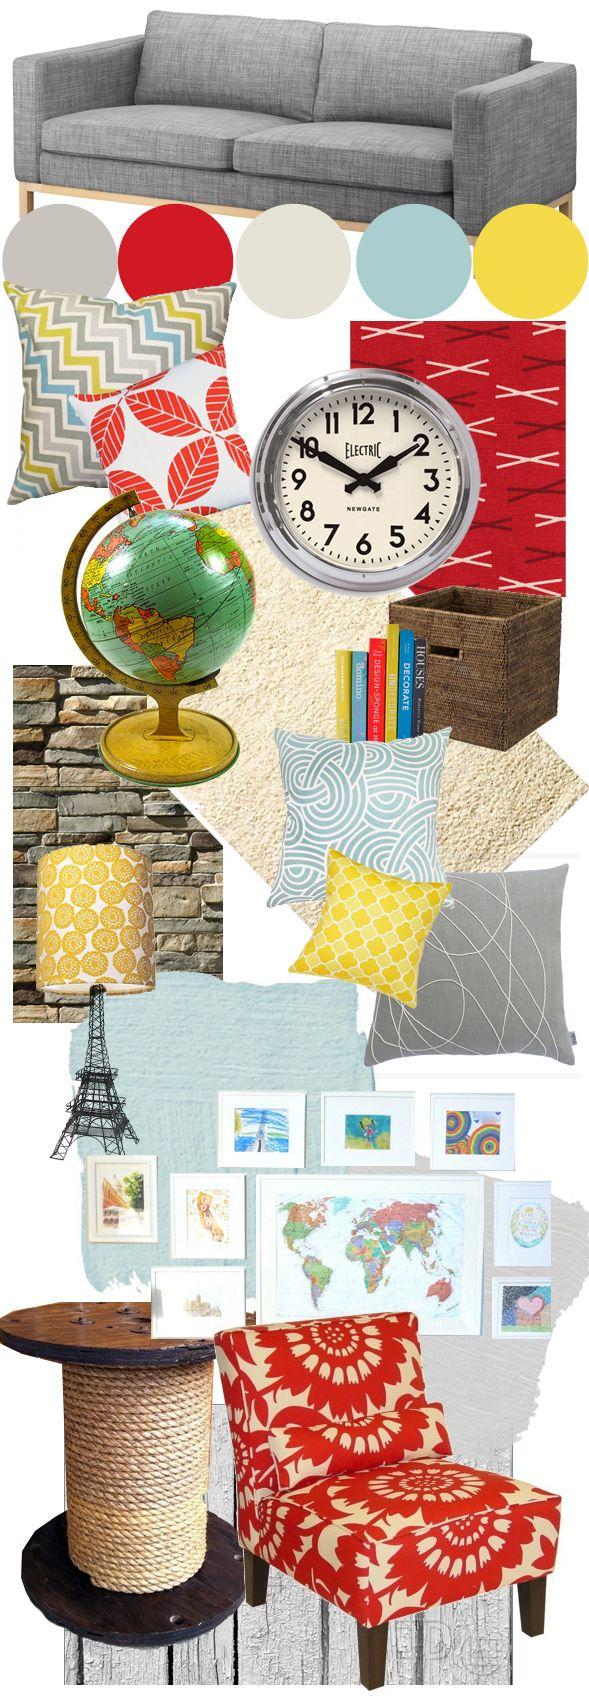 Warm And Cozy Dining Room Moodboard: Grey, Aqua, Yellow, Red Living Room Moodboard